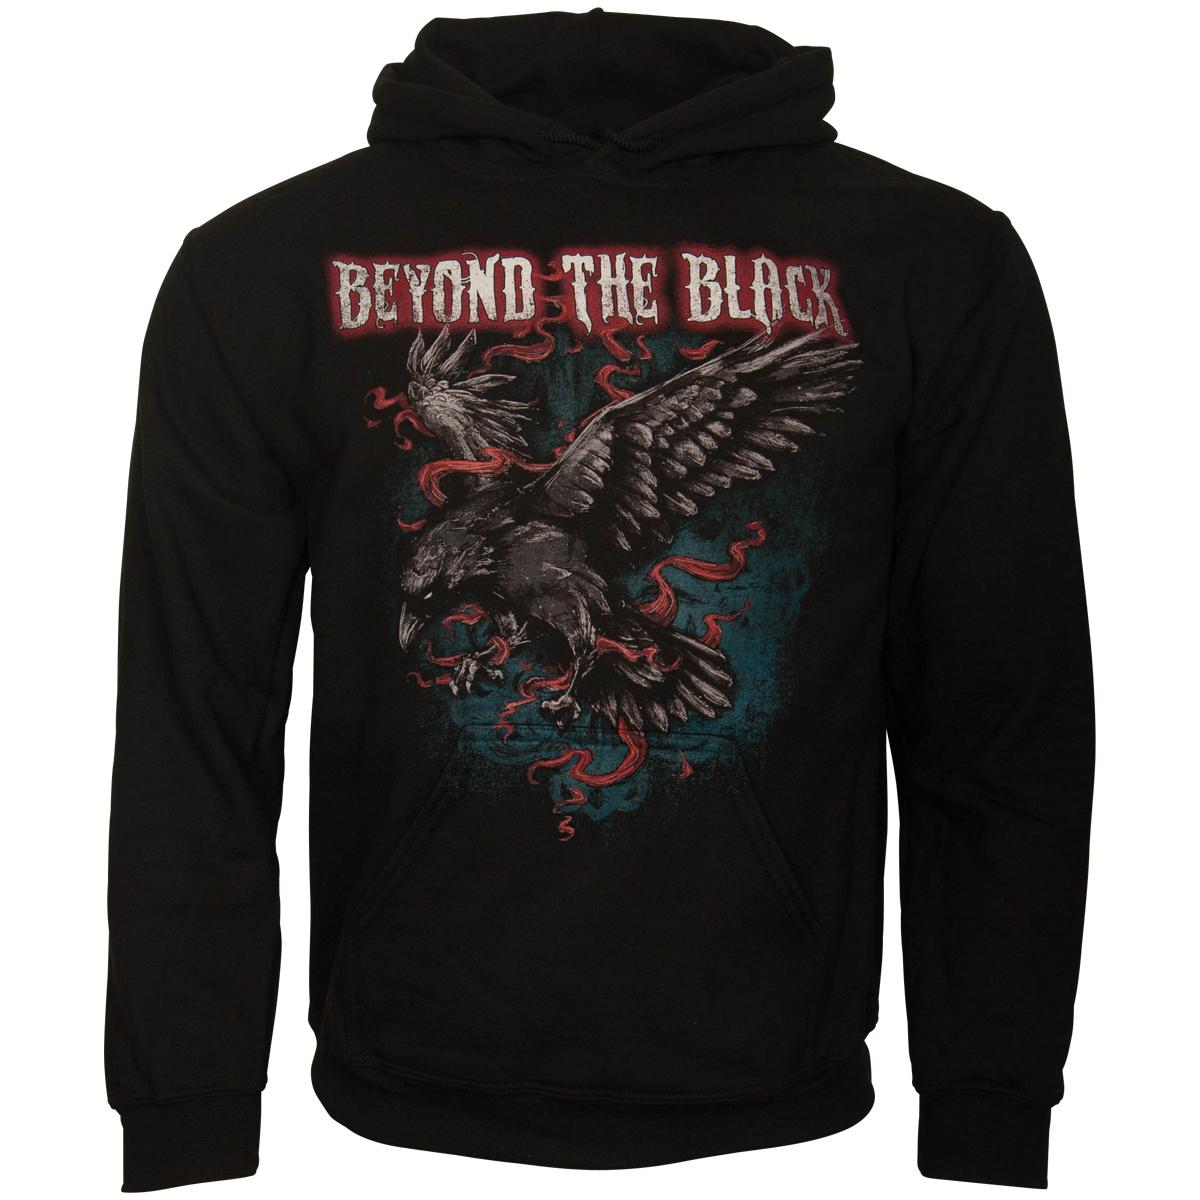 Beyond The Black - Kapuzenpullover Midnight Raven - schwarz